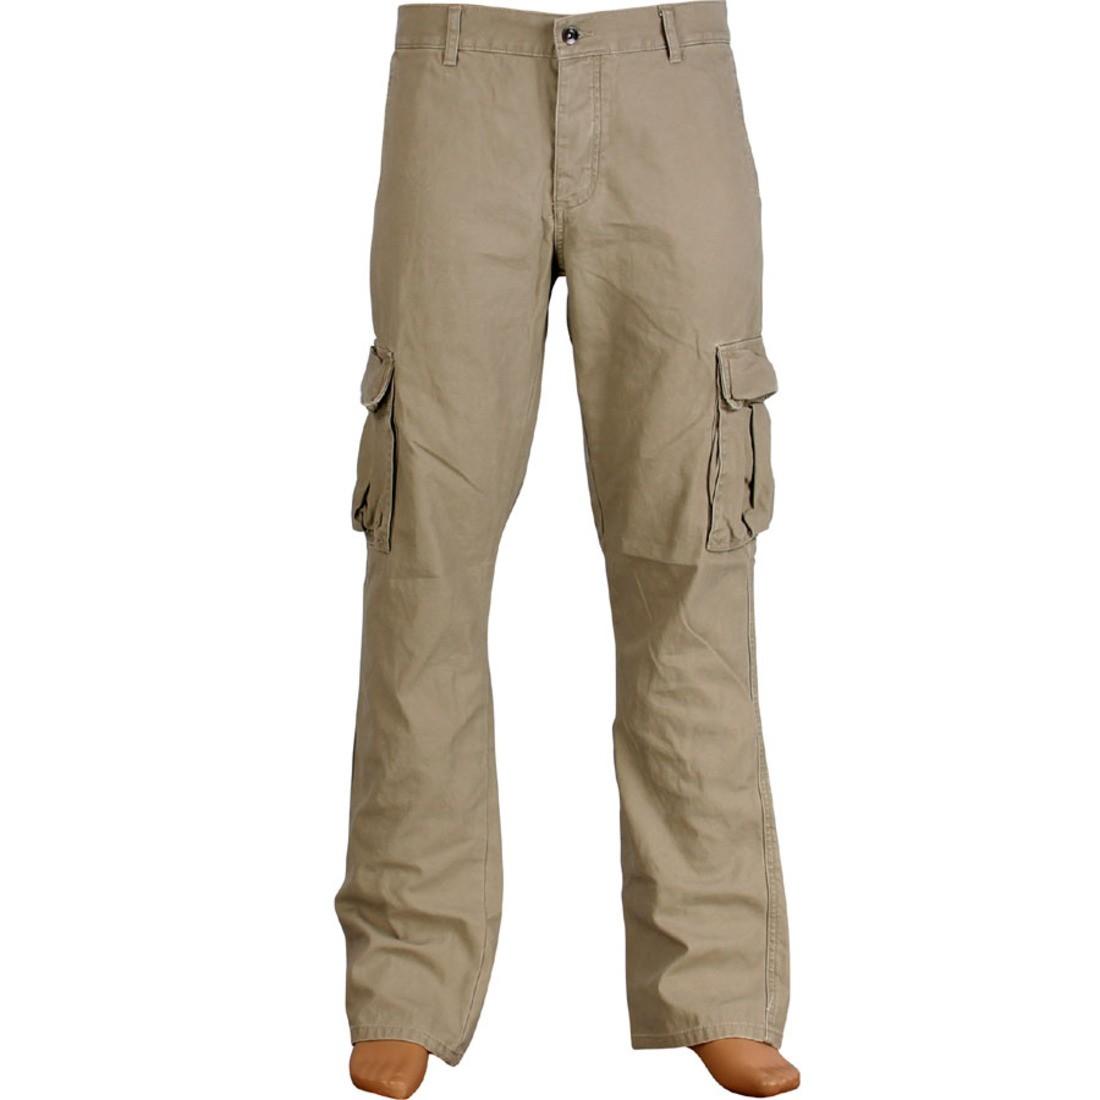 カーゴ カーキ 【 KR3W KLASSIC CARGO PANTS DARK KHAKI 】 メンズファッション ズボン パンツ